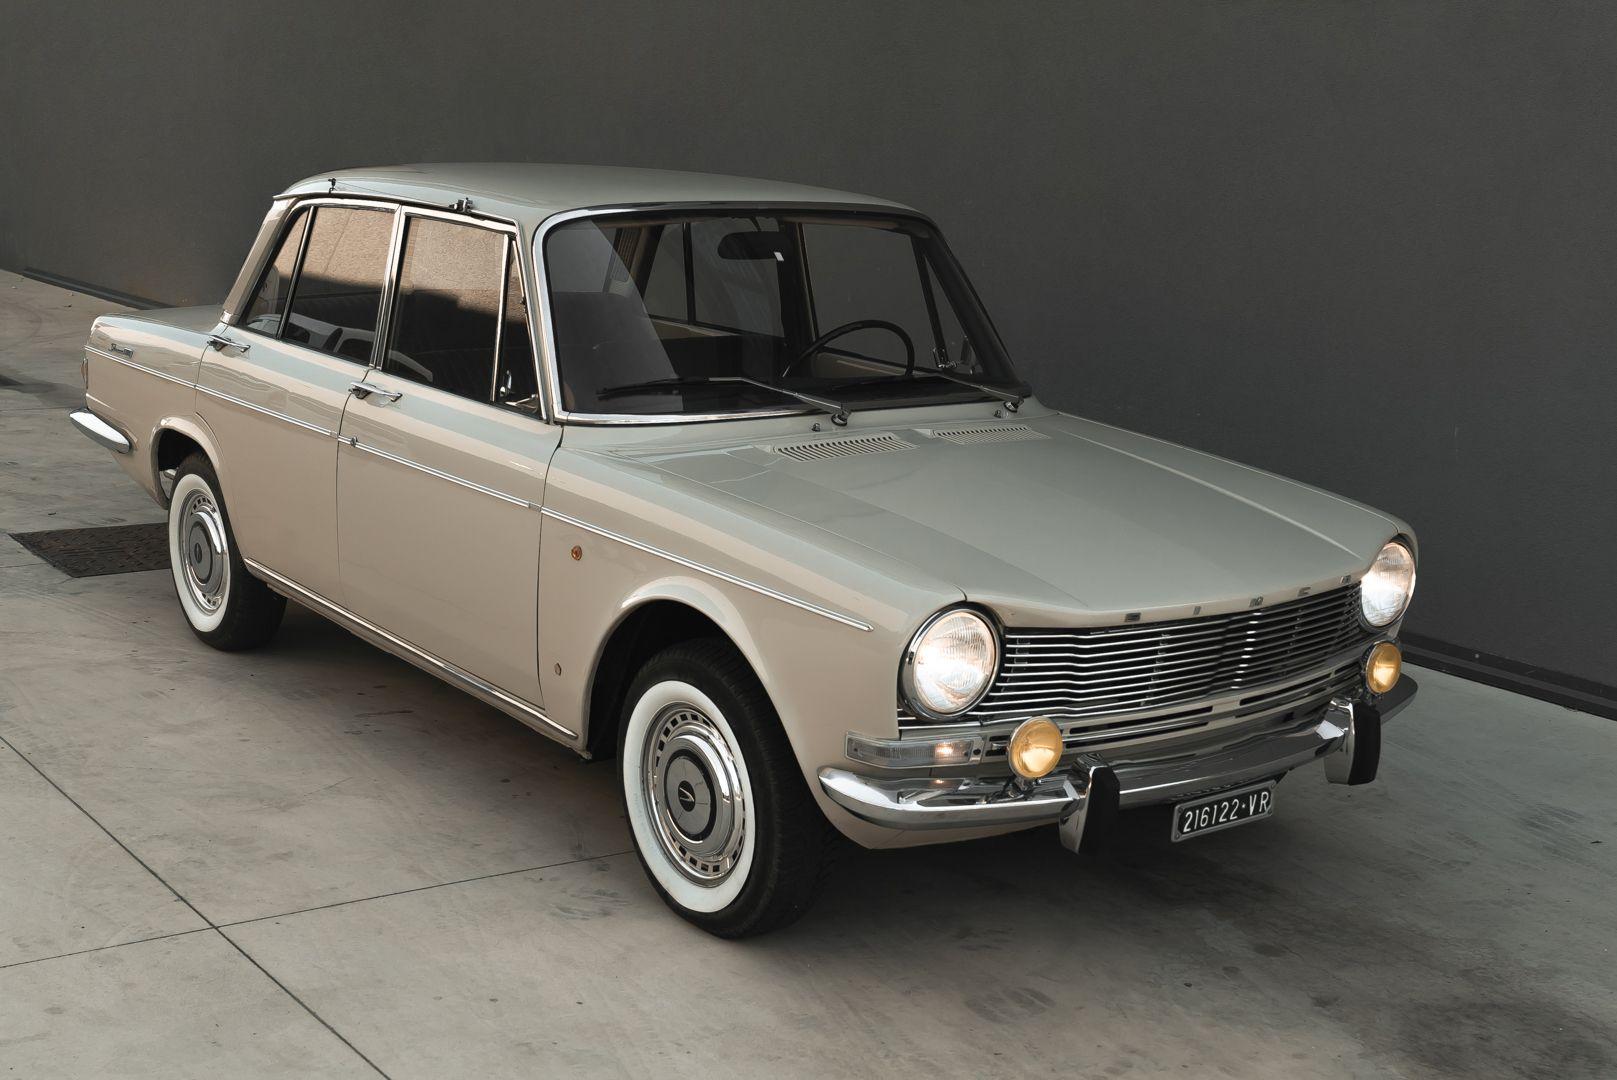 1969 Simca 1301 EL 81028